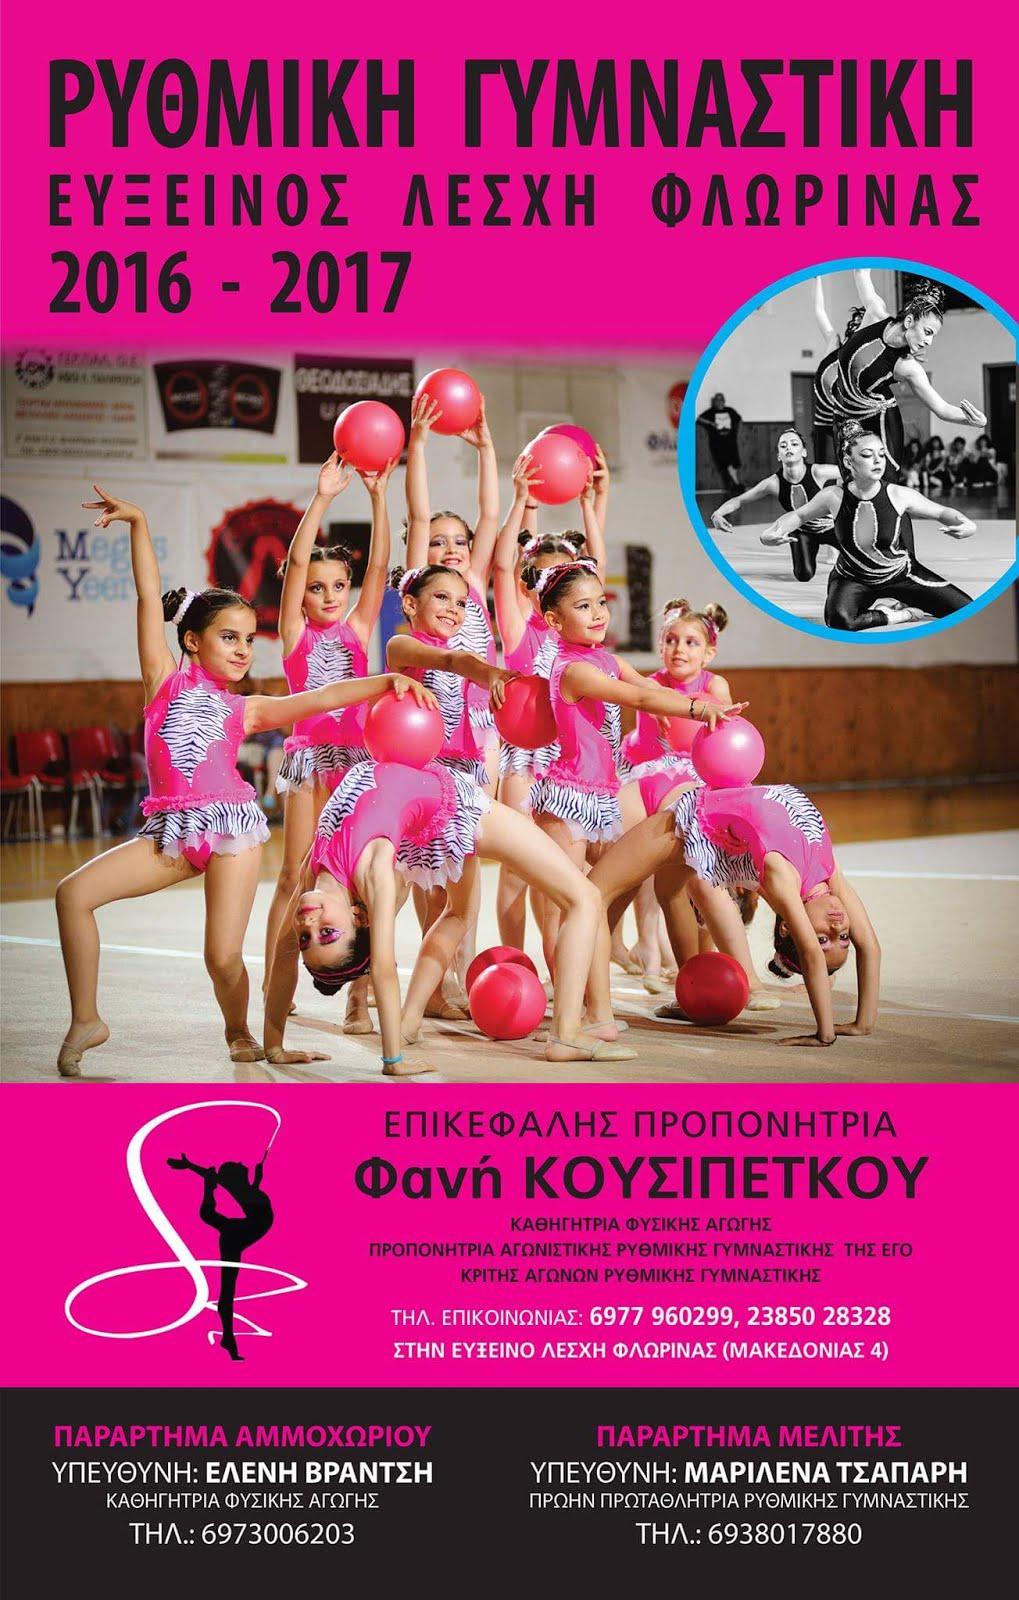 Ρυθμική γυμναστική από την Εύξεινο Λέσχη Φλώρινας